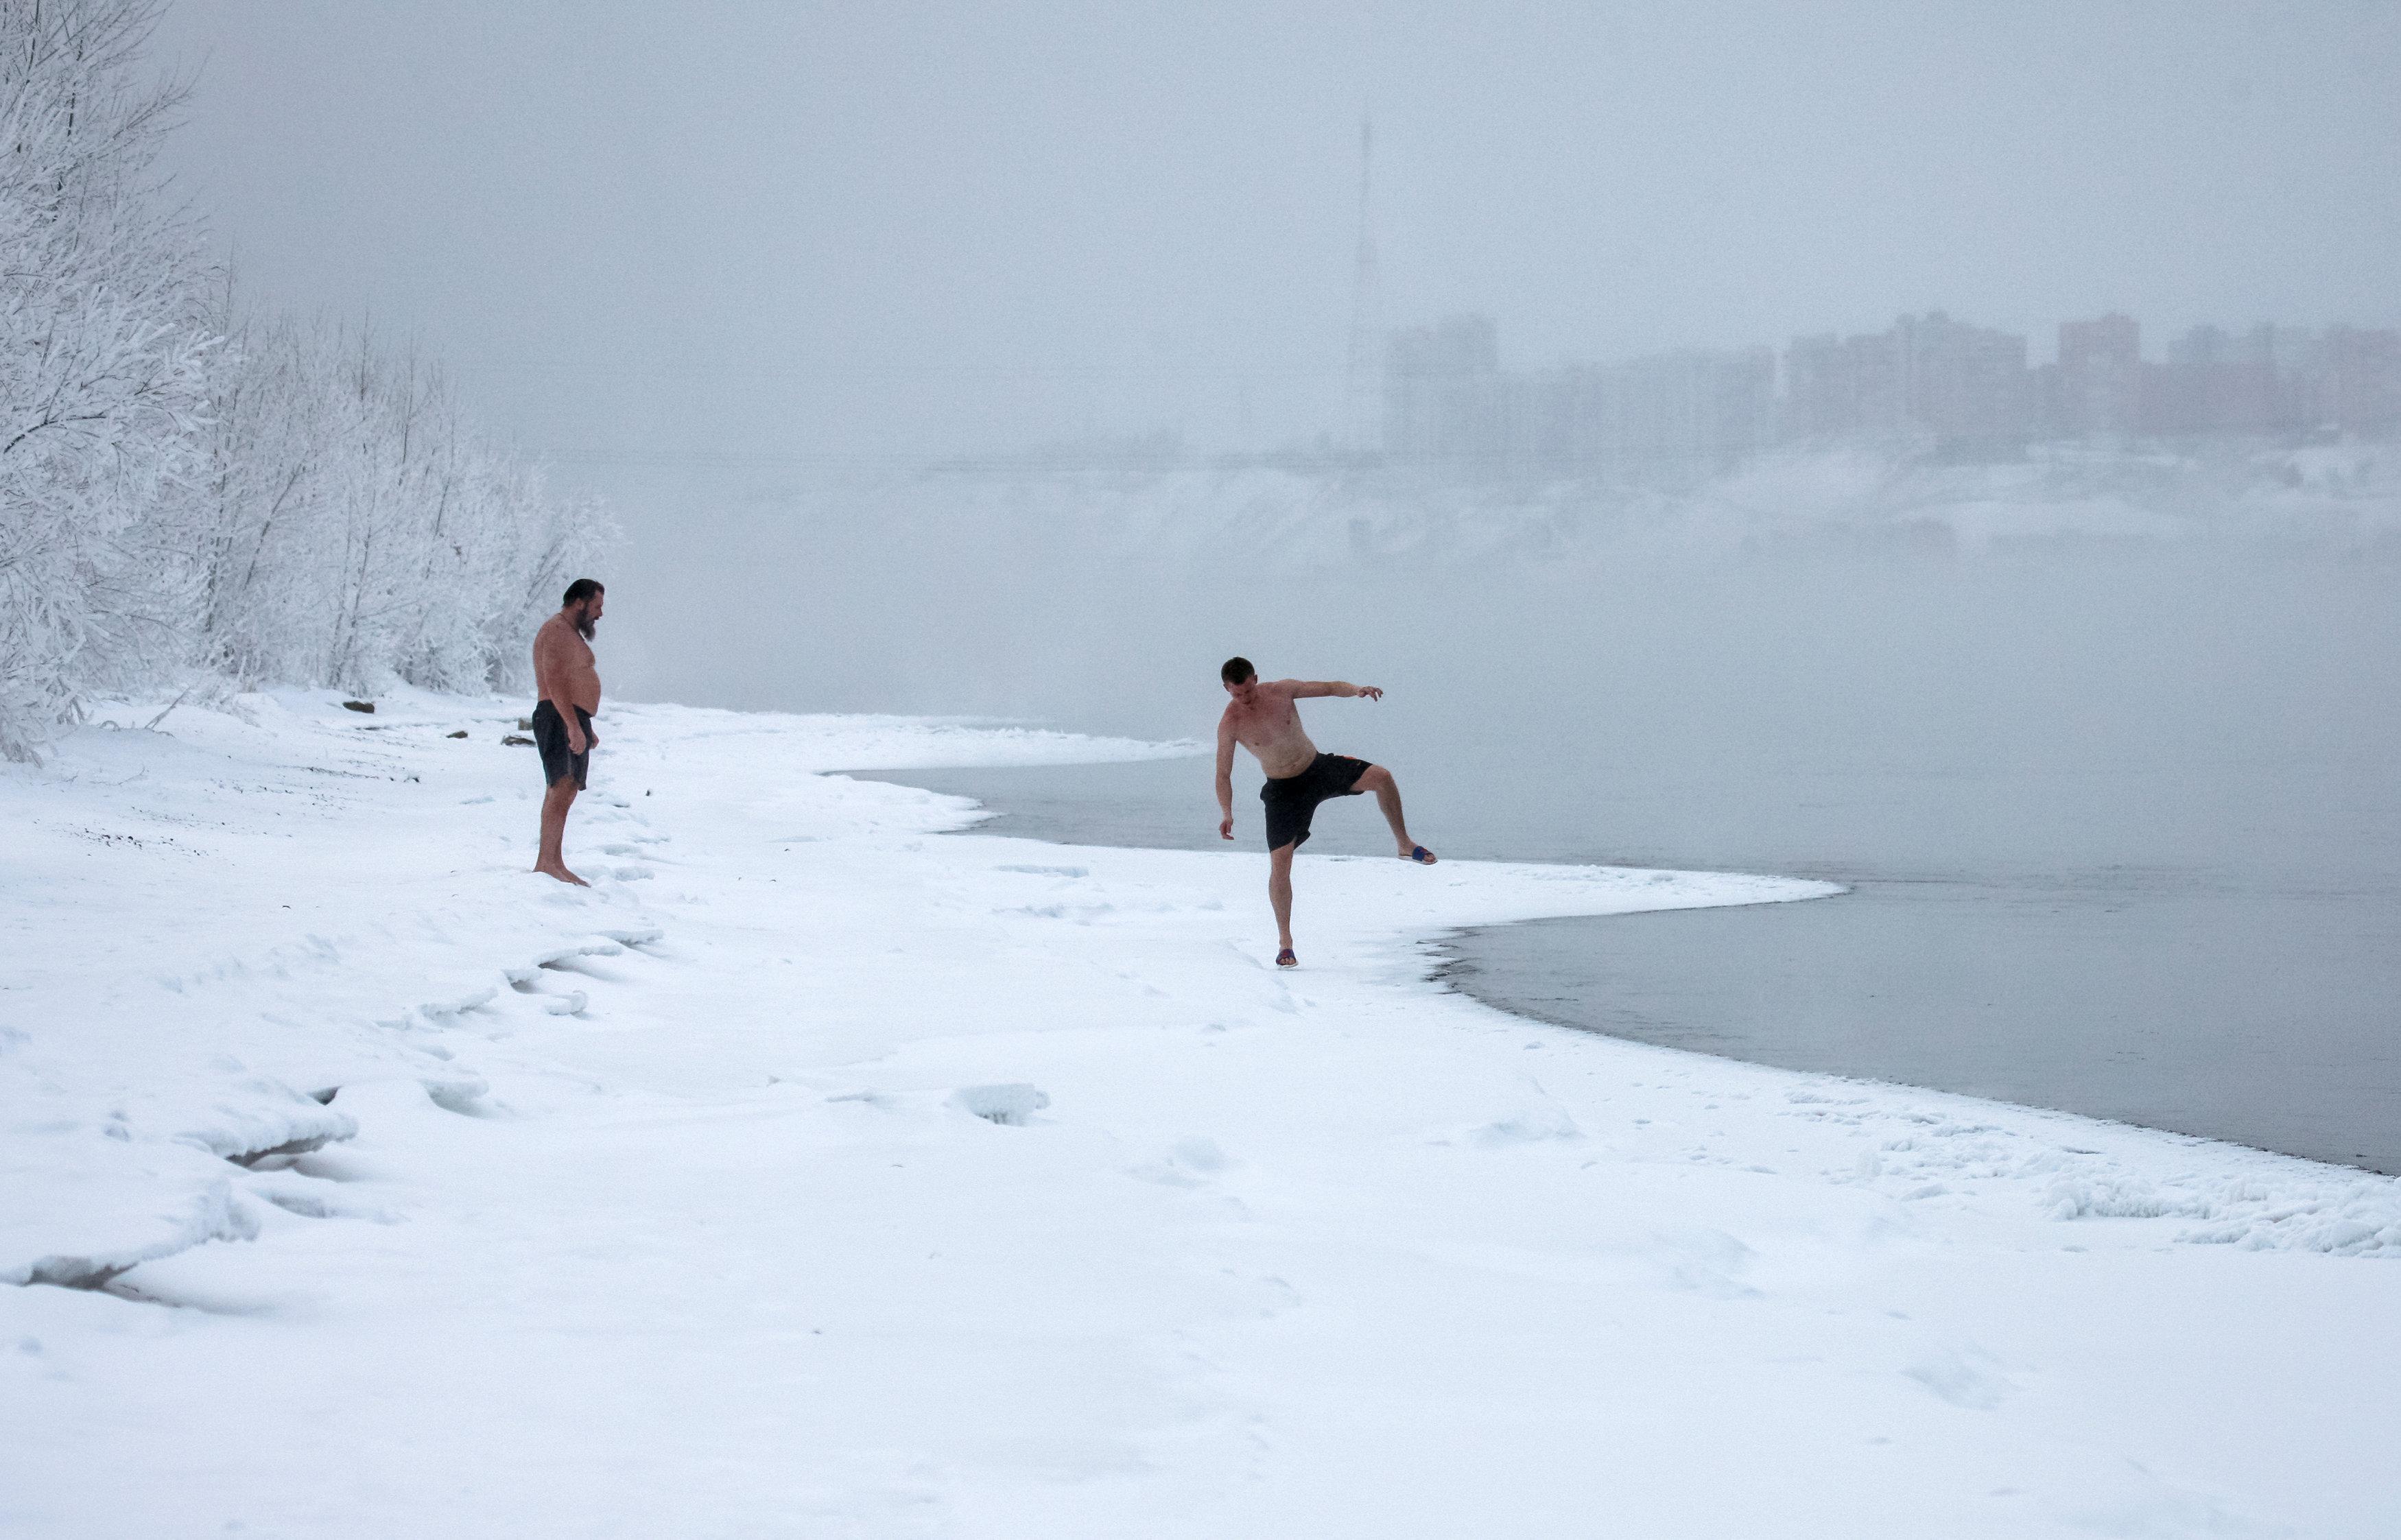 روس يتحدون الصقيع و يسبحون فى درجة حرارة تحت الصفر (2)